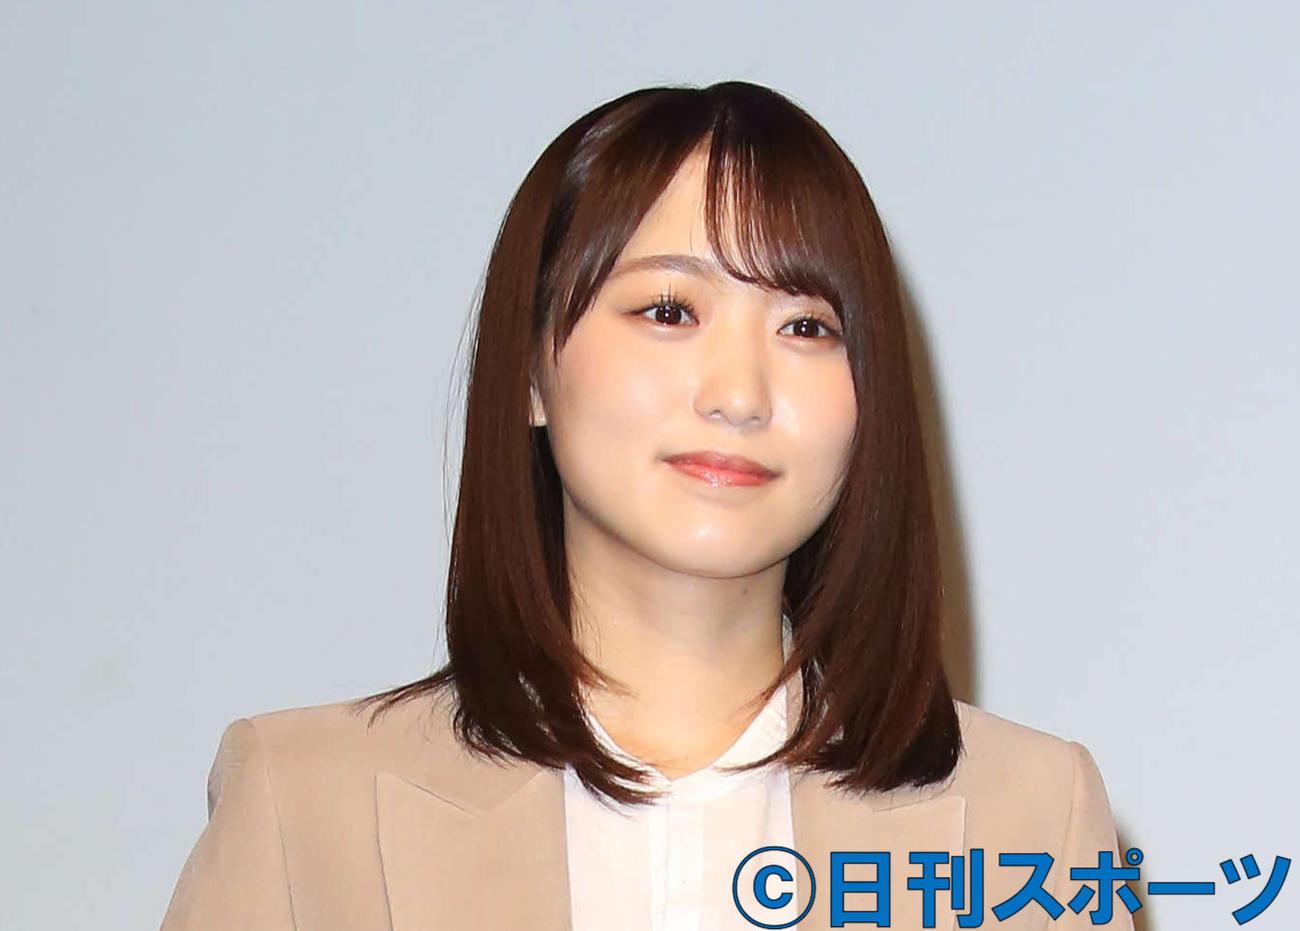 櫻坂46の菅井友香(2020年2月25日撮影)